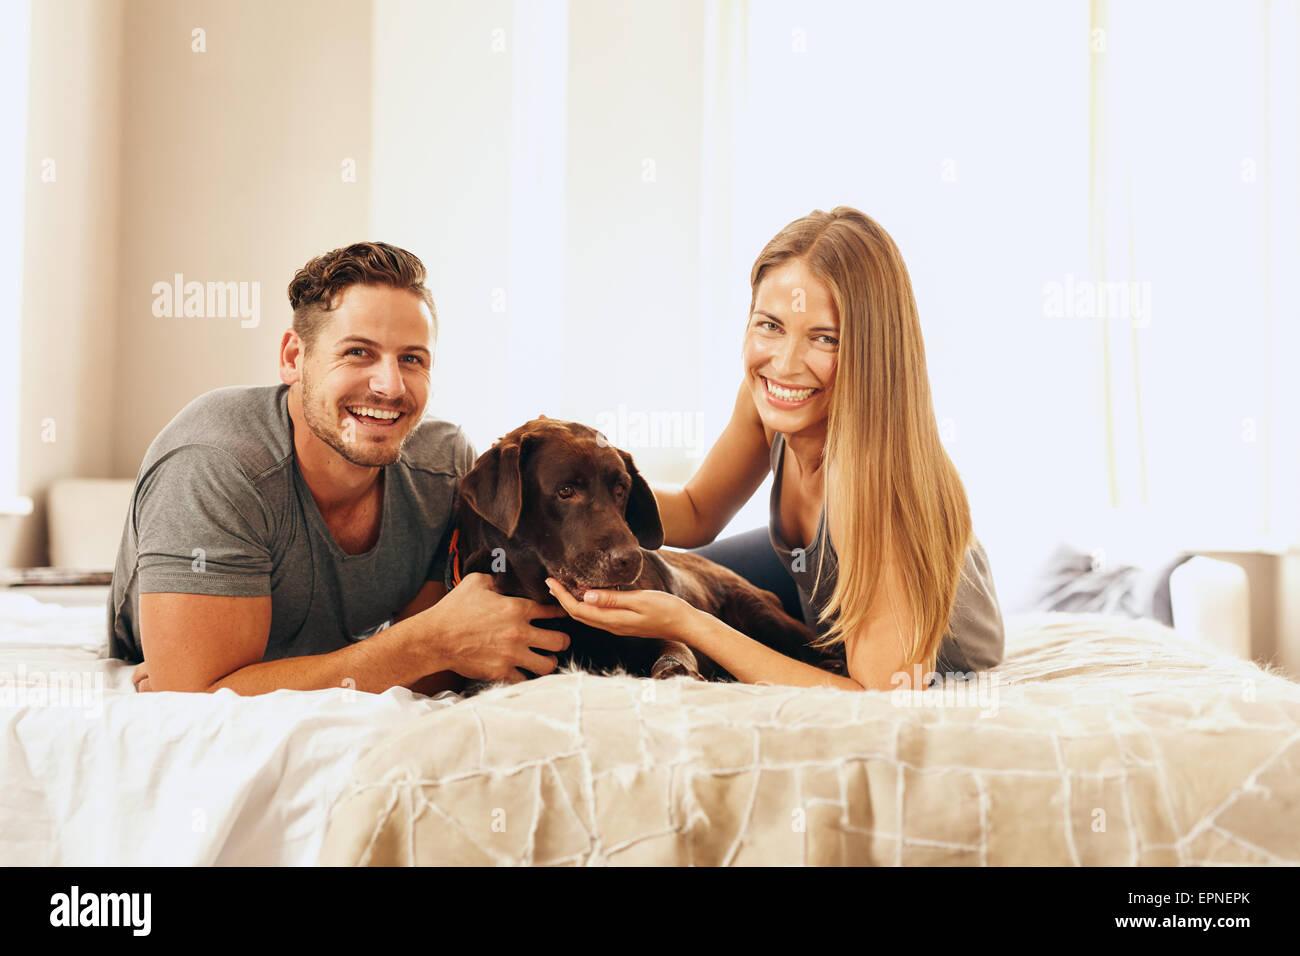 Foto de una pareja joven tumbado en la cama con su perro. Alegre hombre y mujer mirando a la cámara con su Imagen De Stock